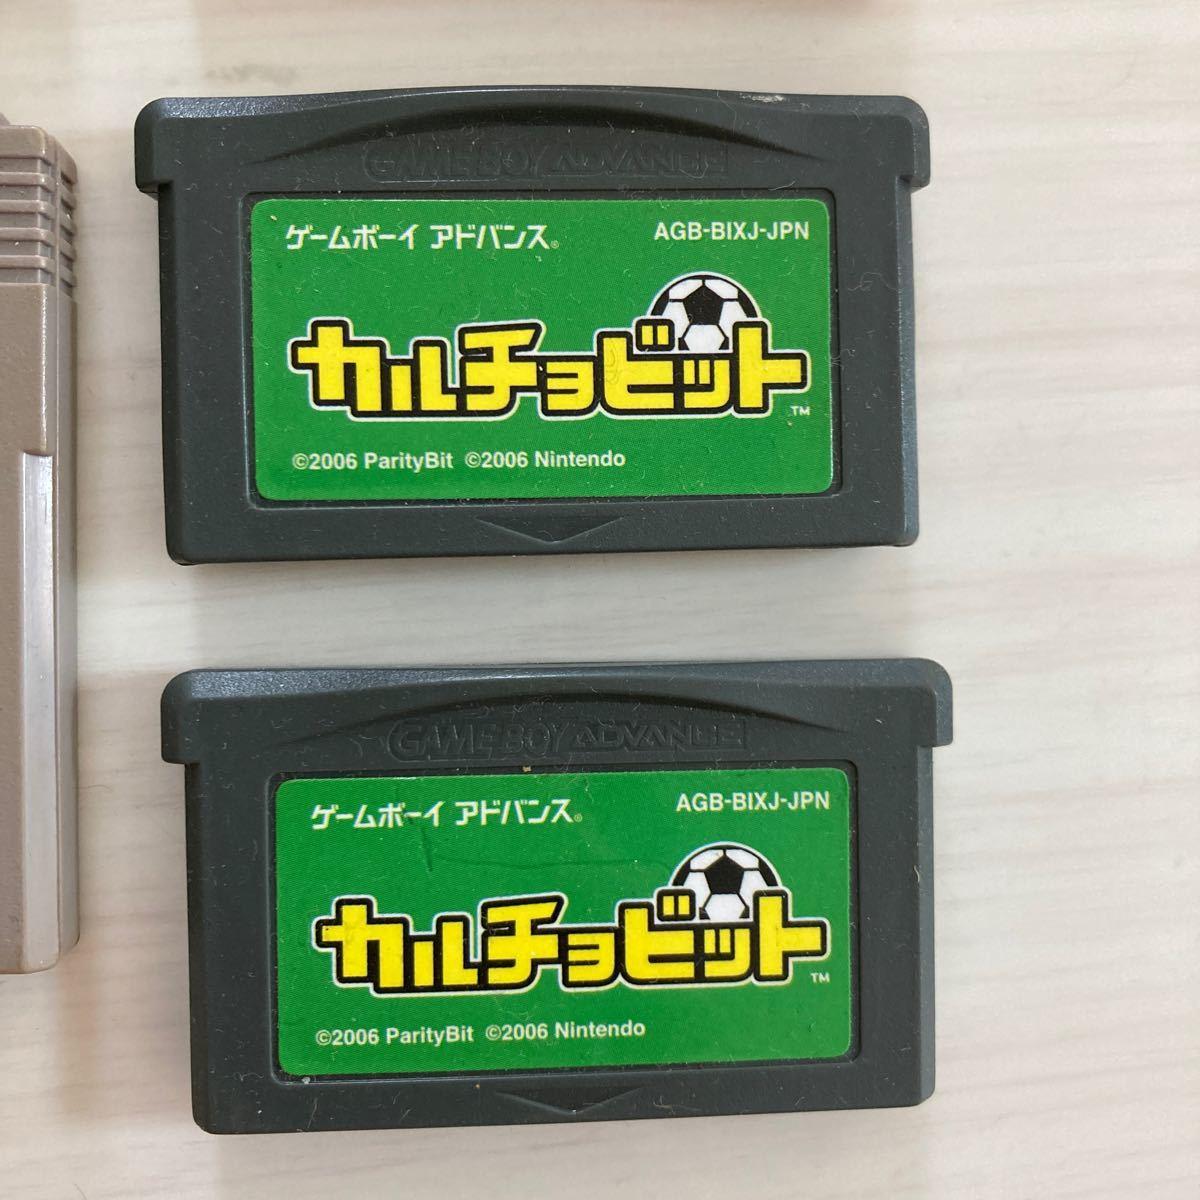 ゲームボーイ ゲームボーイカラー ゲームボーイアドバンス ソフト ポケットモンスター ゲームボーイアドバンスソフト